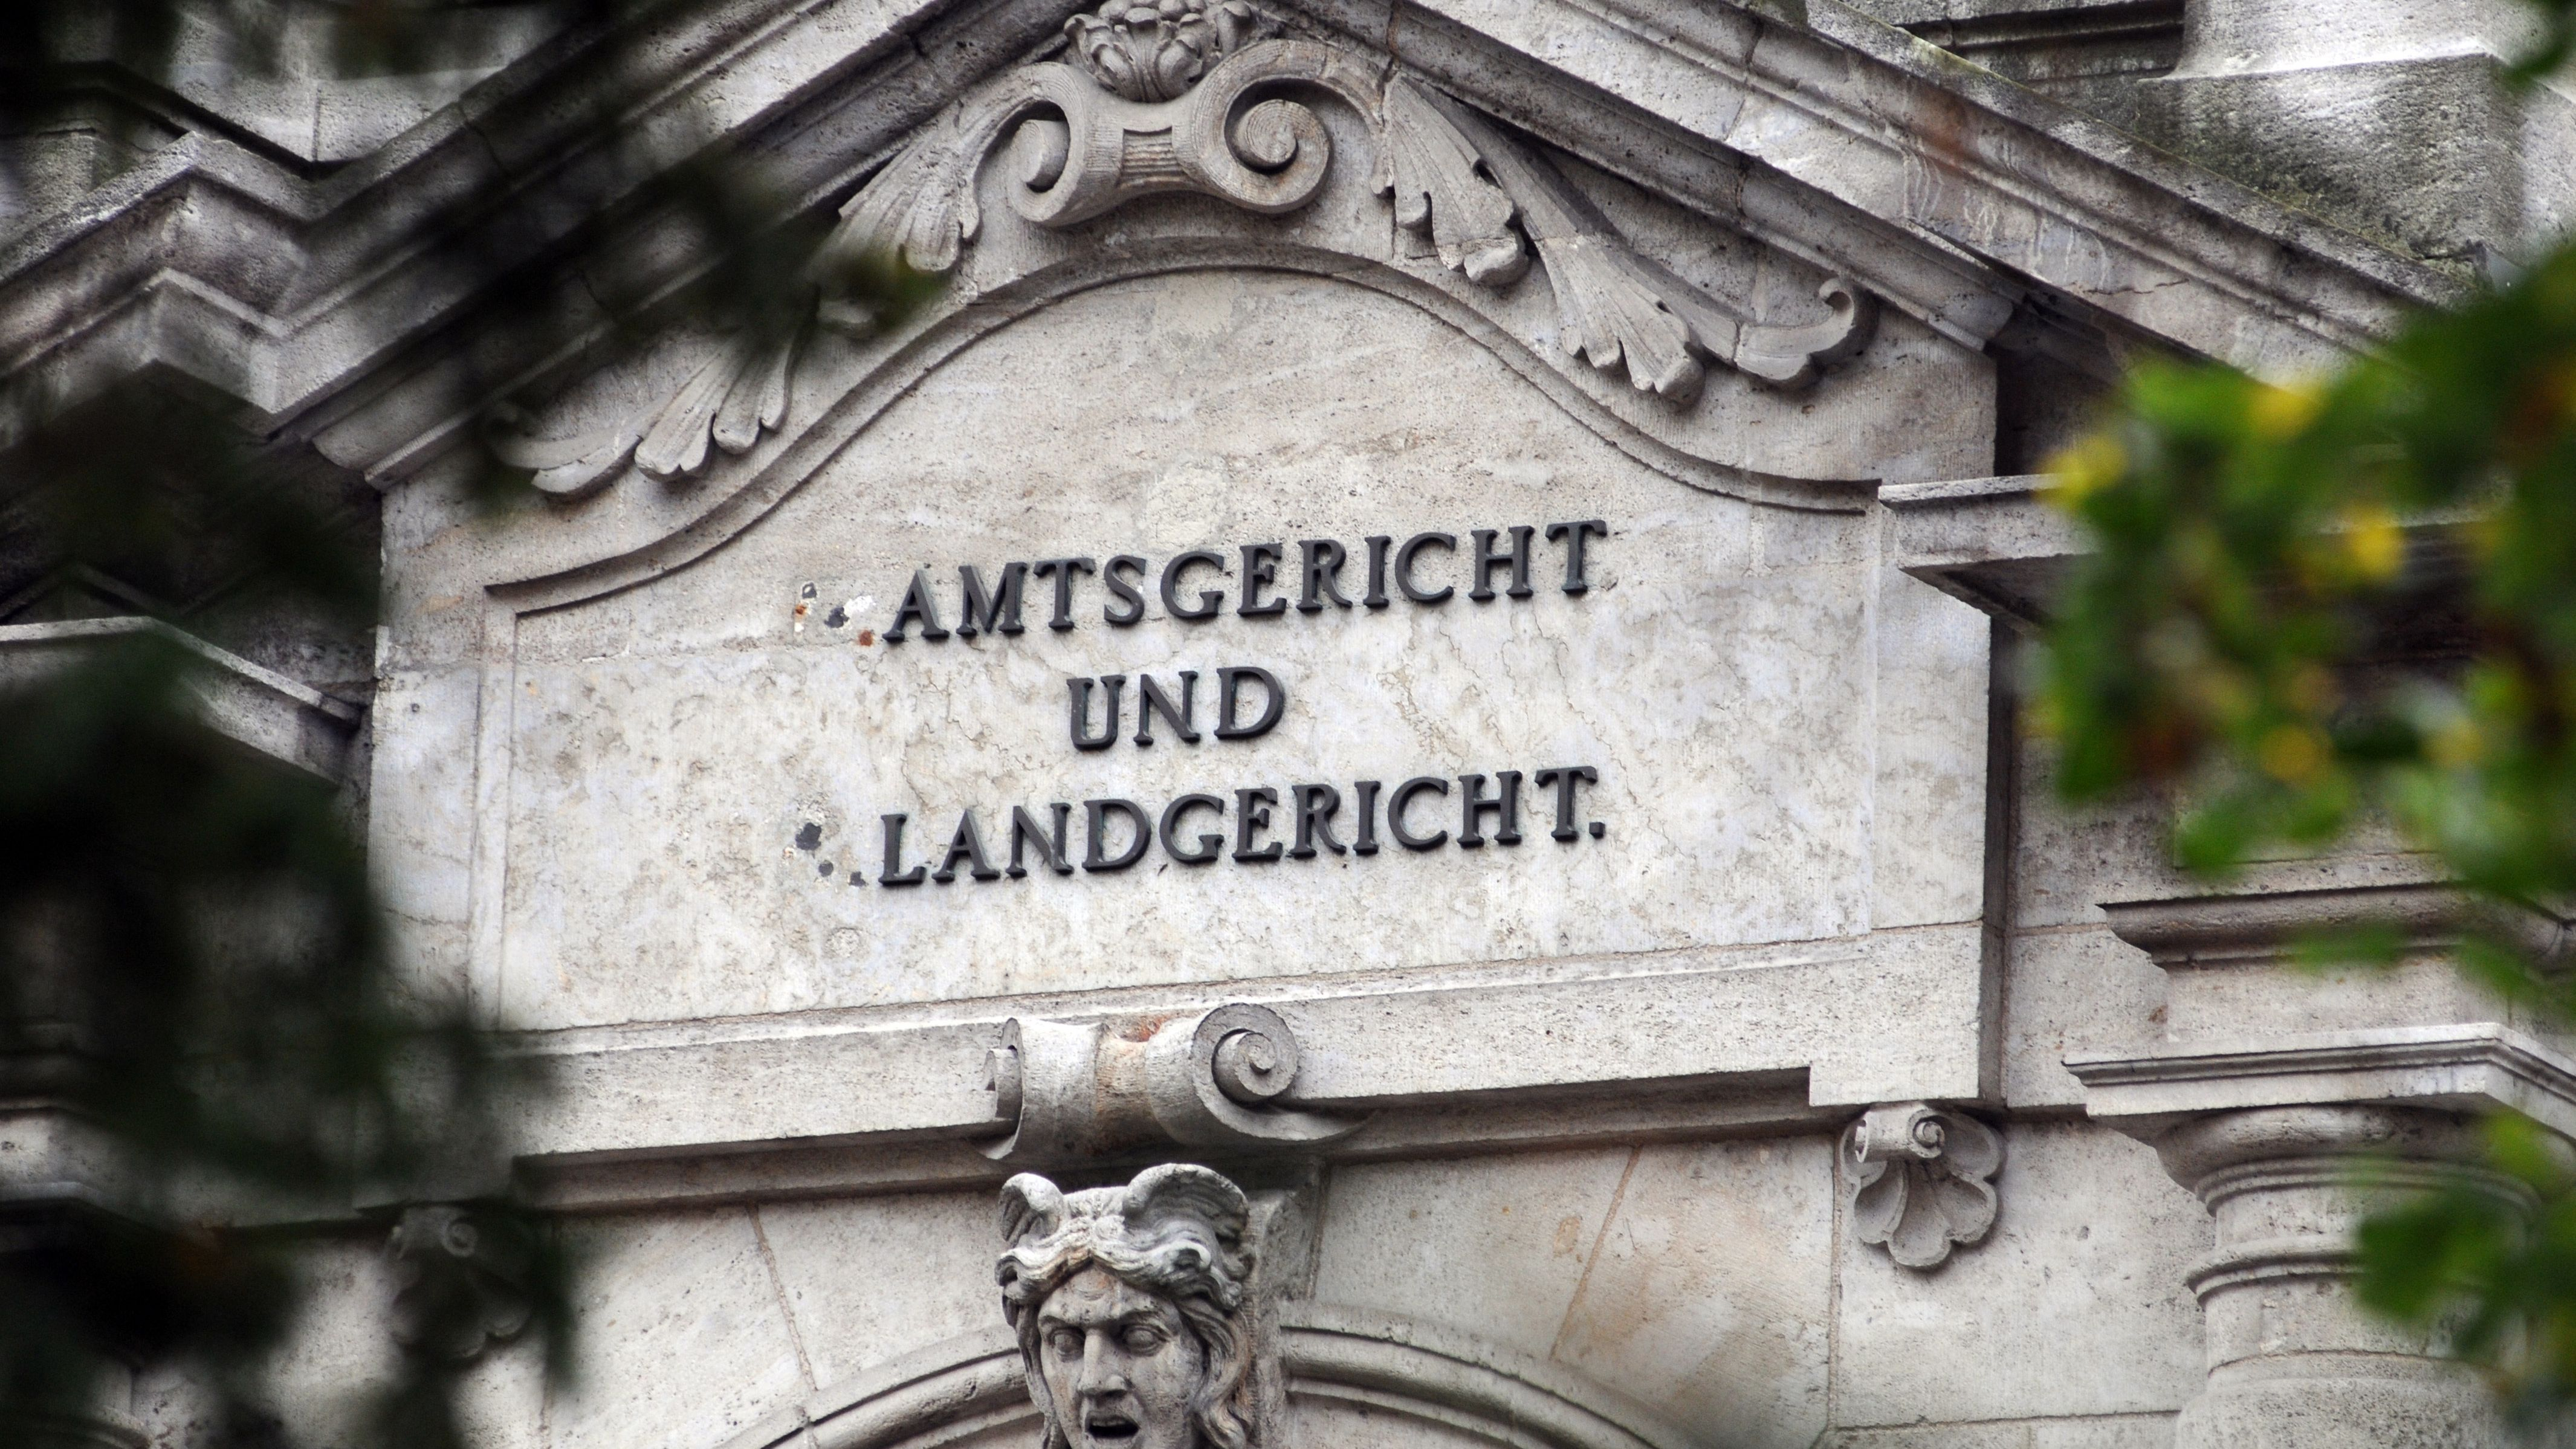 Neuer Strafbefehl in der Regensburger Korruptionsaffäre um den suspendierten OB Wolbergs. Ein Immobilienunternehmer soll 90.000 Euro zahlen.